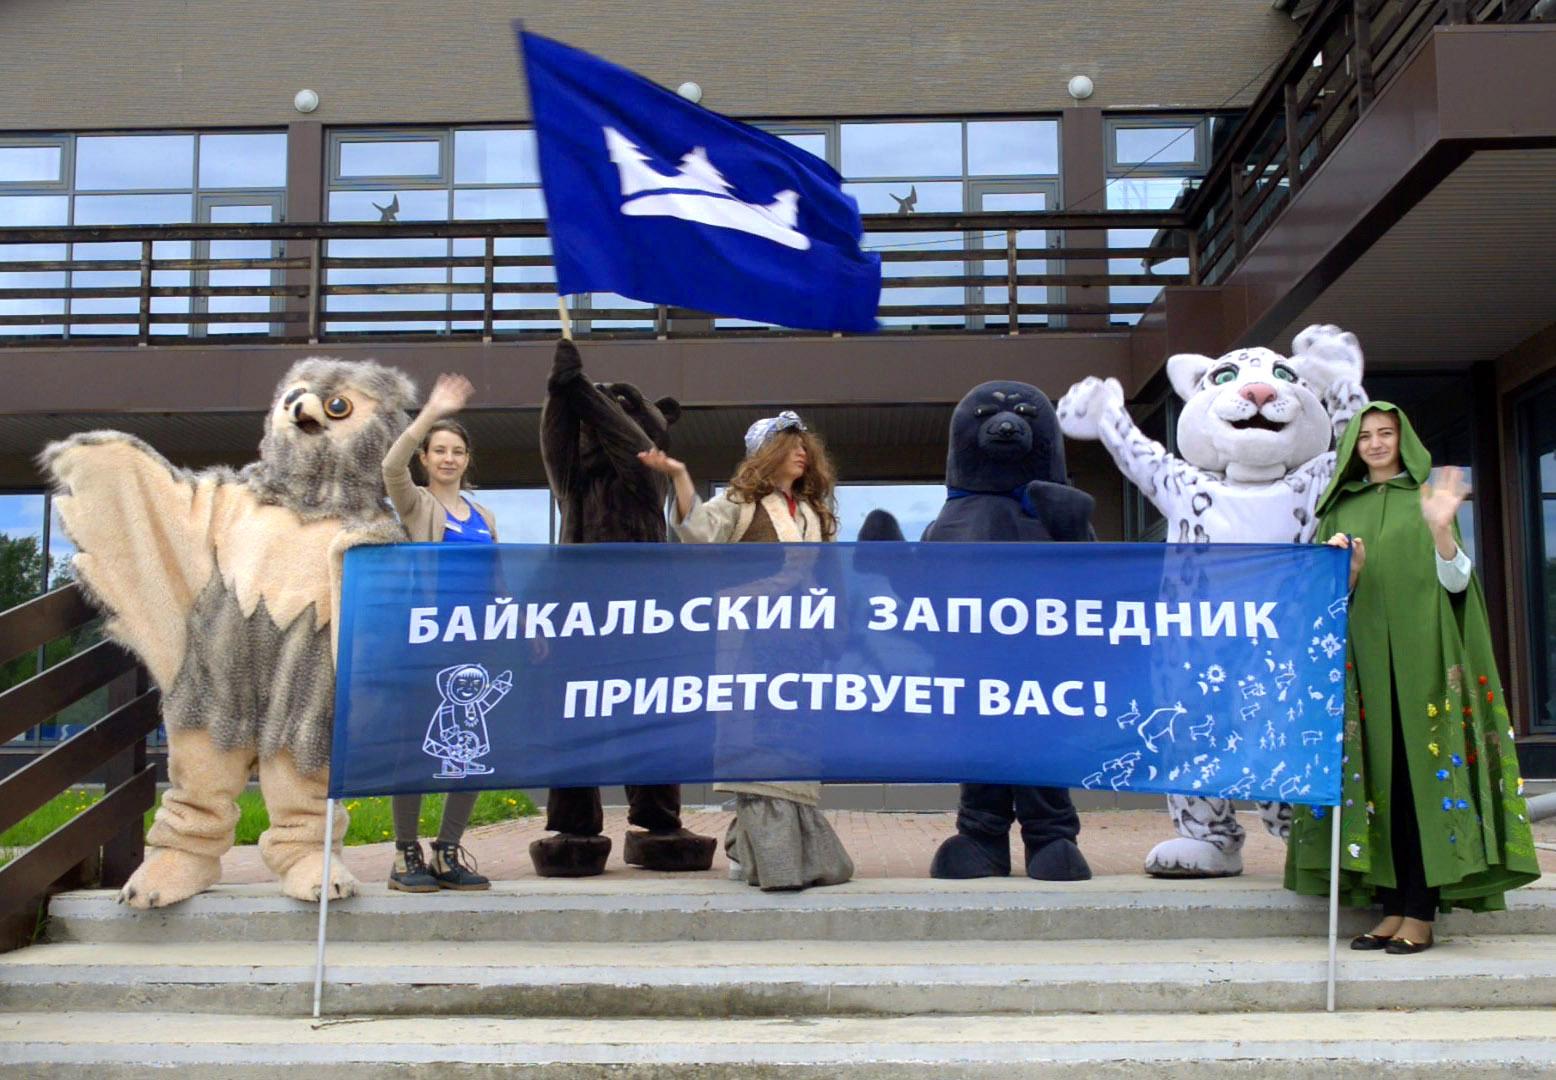 Туризм Байкальский заповедник